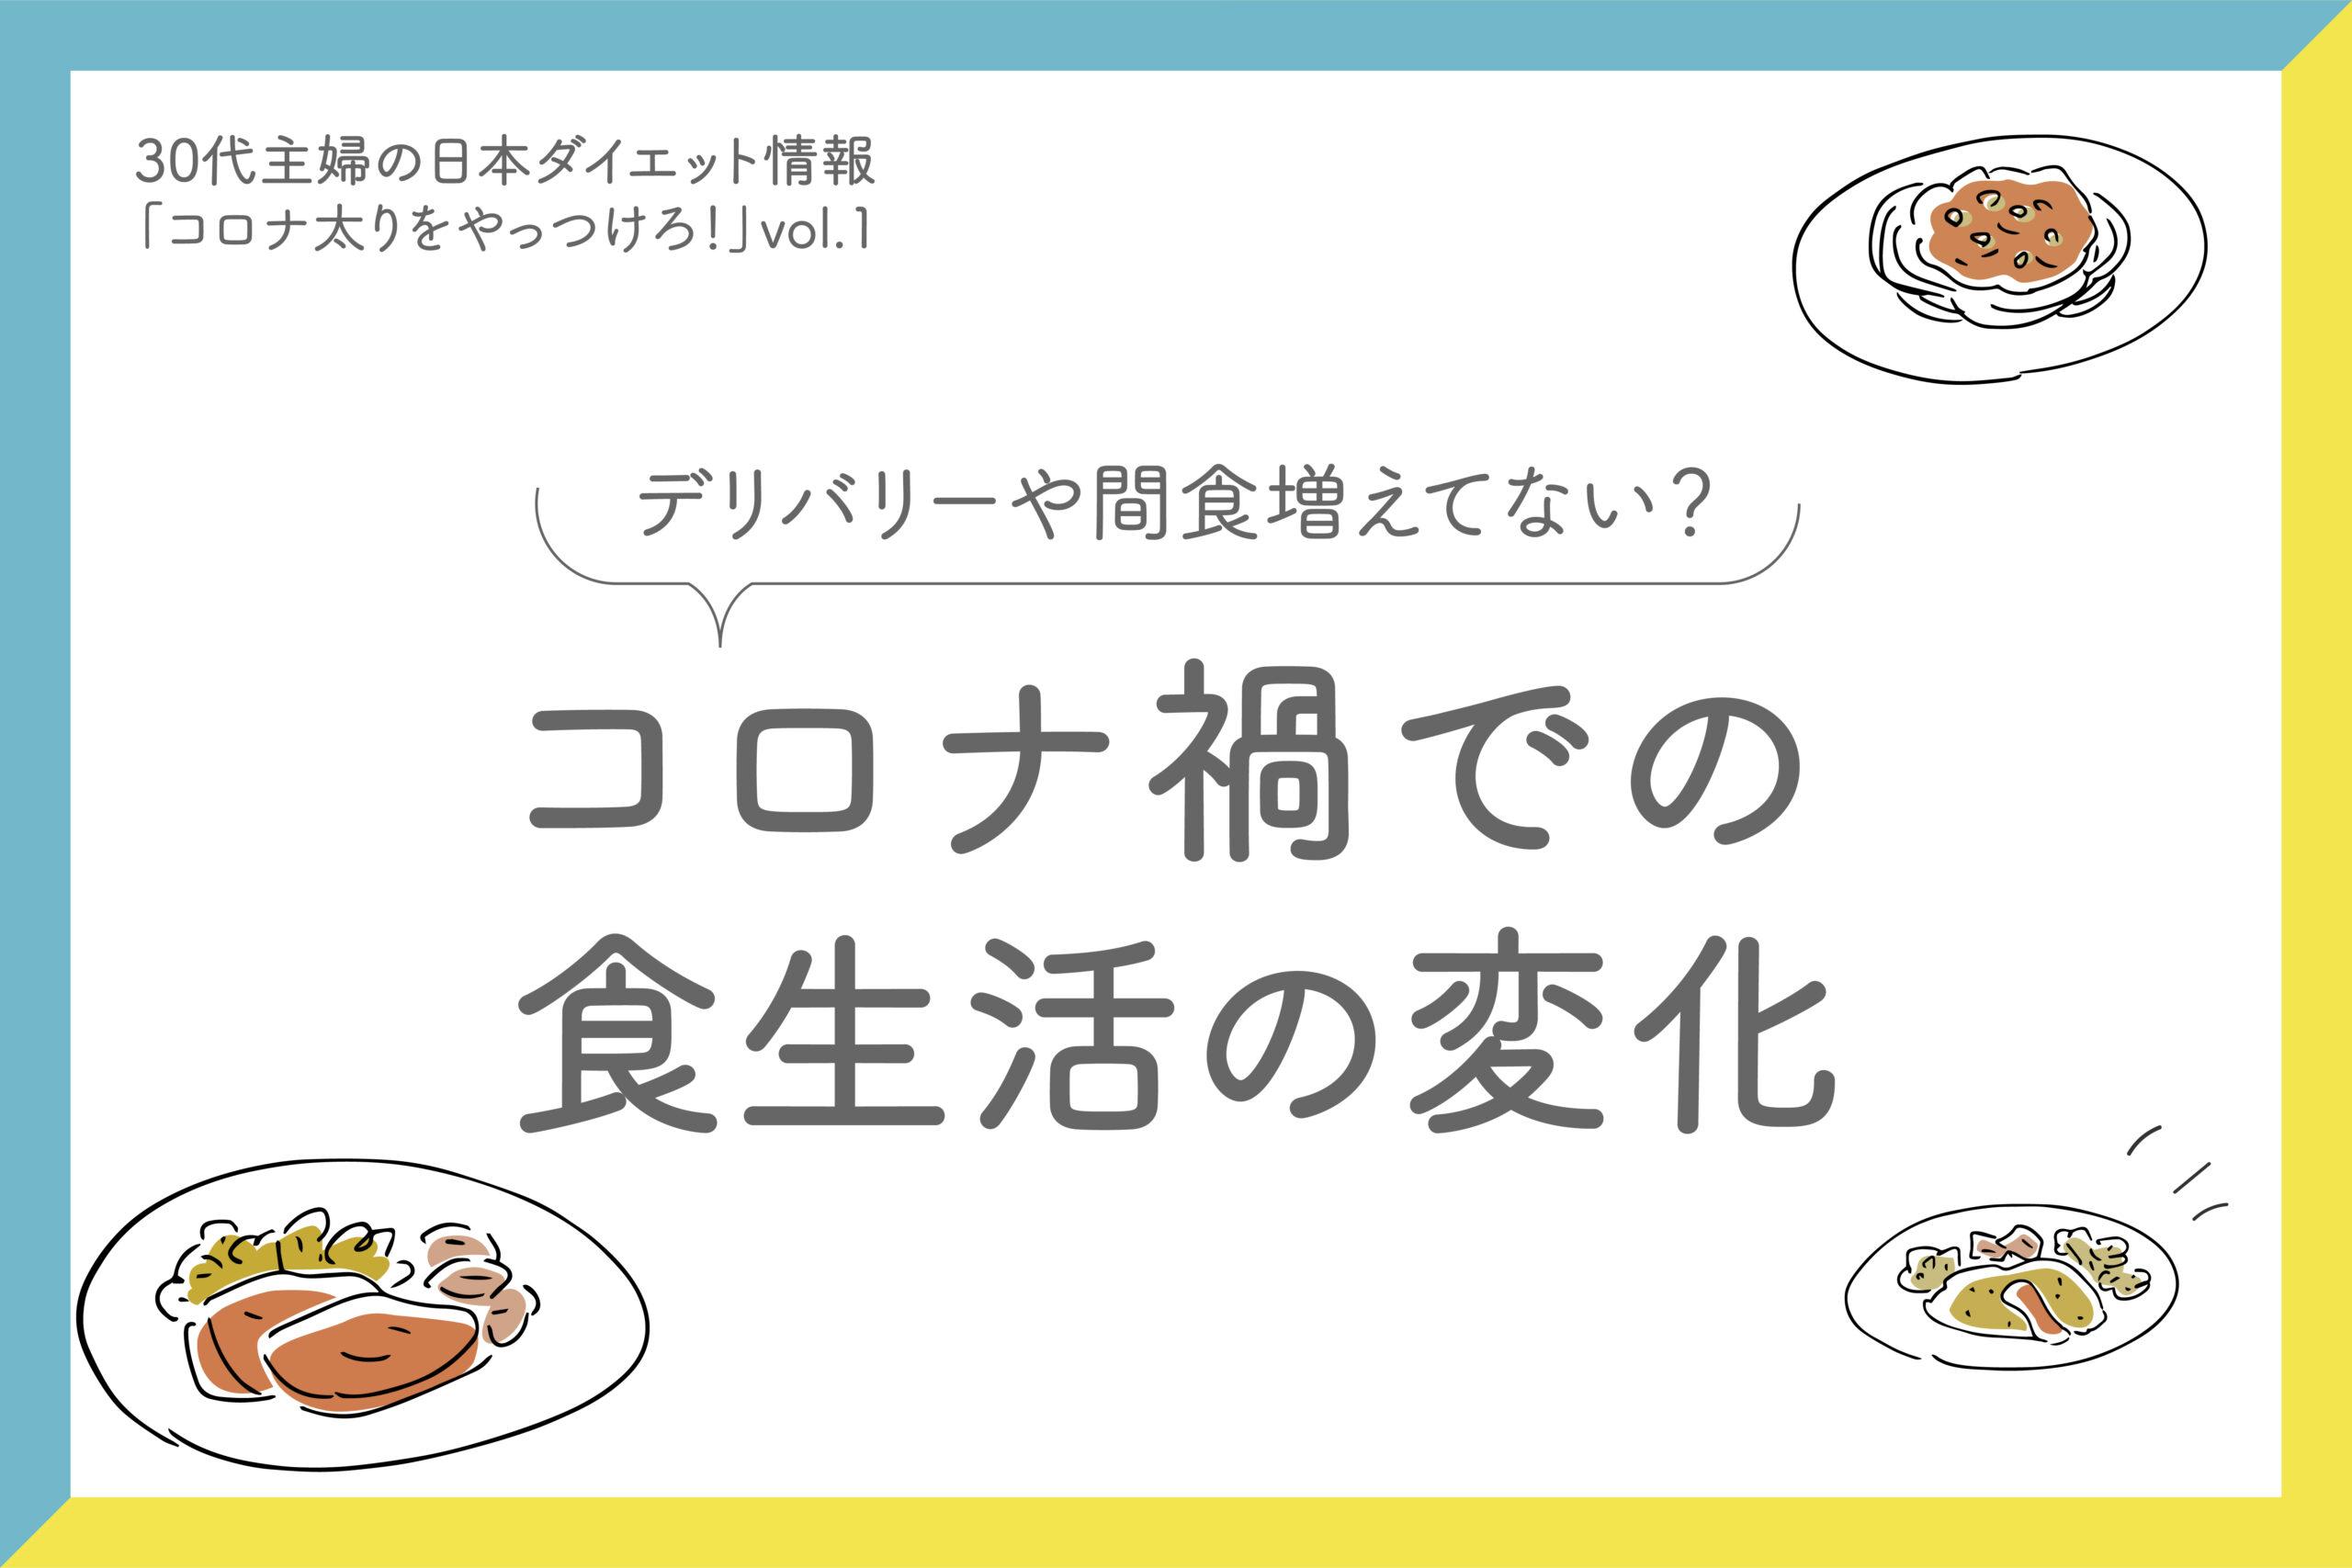 30代主婦の日本ダイエット情報「コロナ太りをやっつけろ!」vol.1 「コロナ禍での食生活の変化」